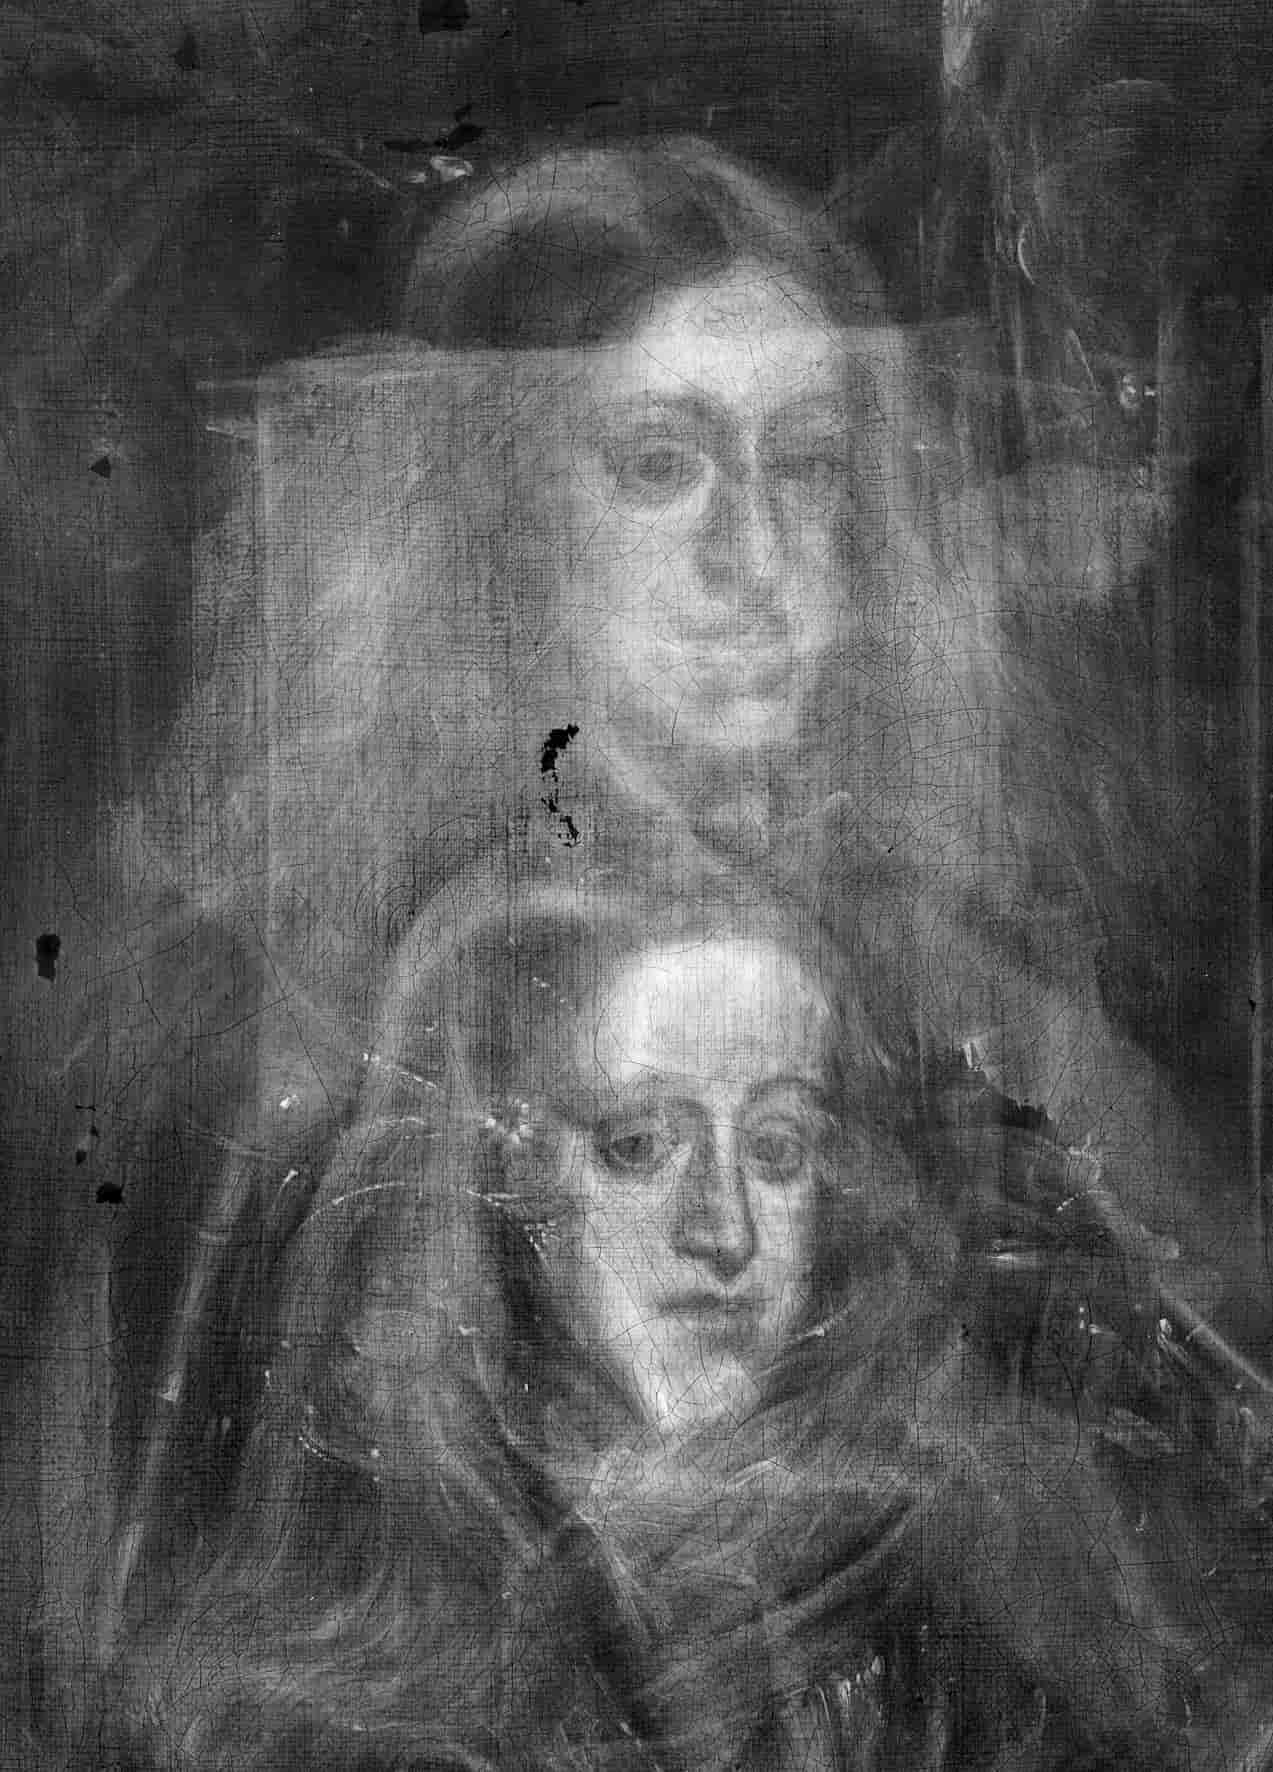 В музее сделали рентген картины и вспомнили Дориана Грея. Изображение героя полотна взрослело вместе с ним